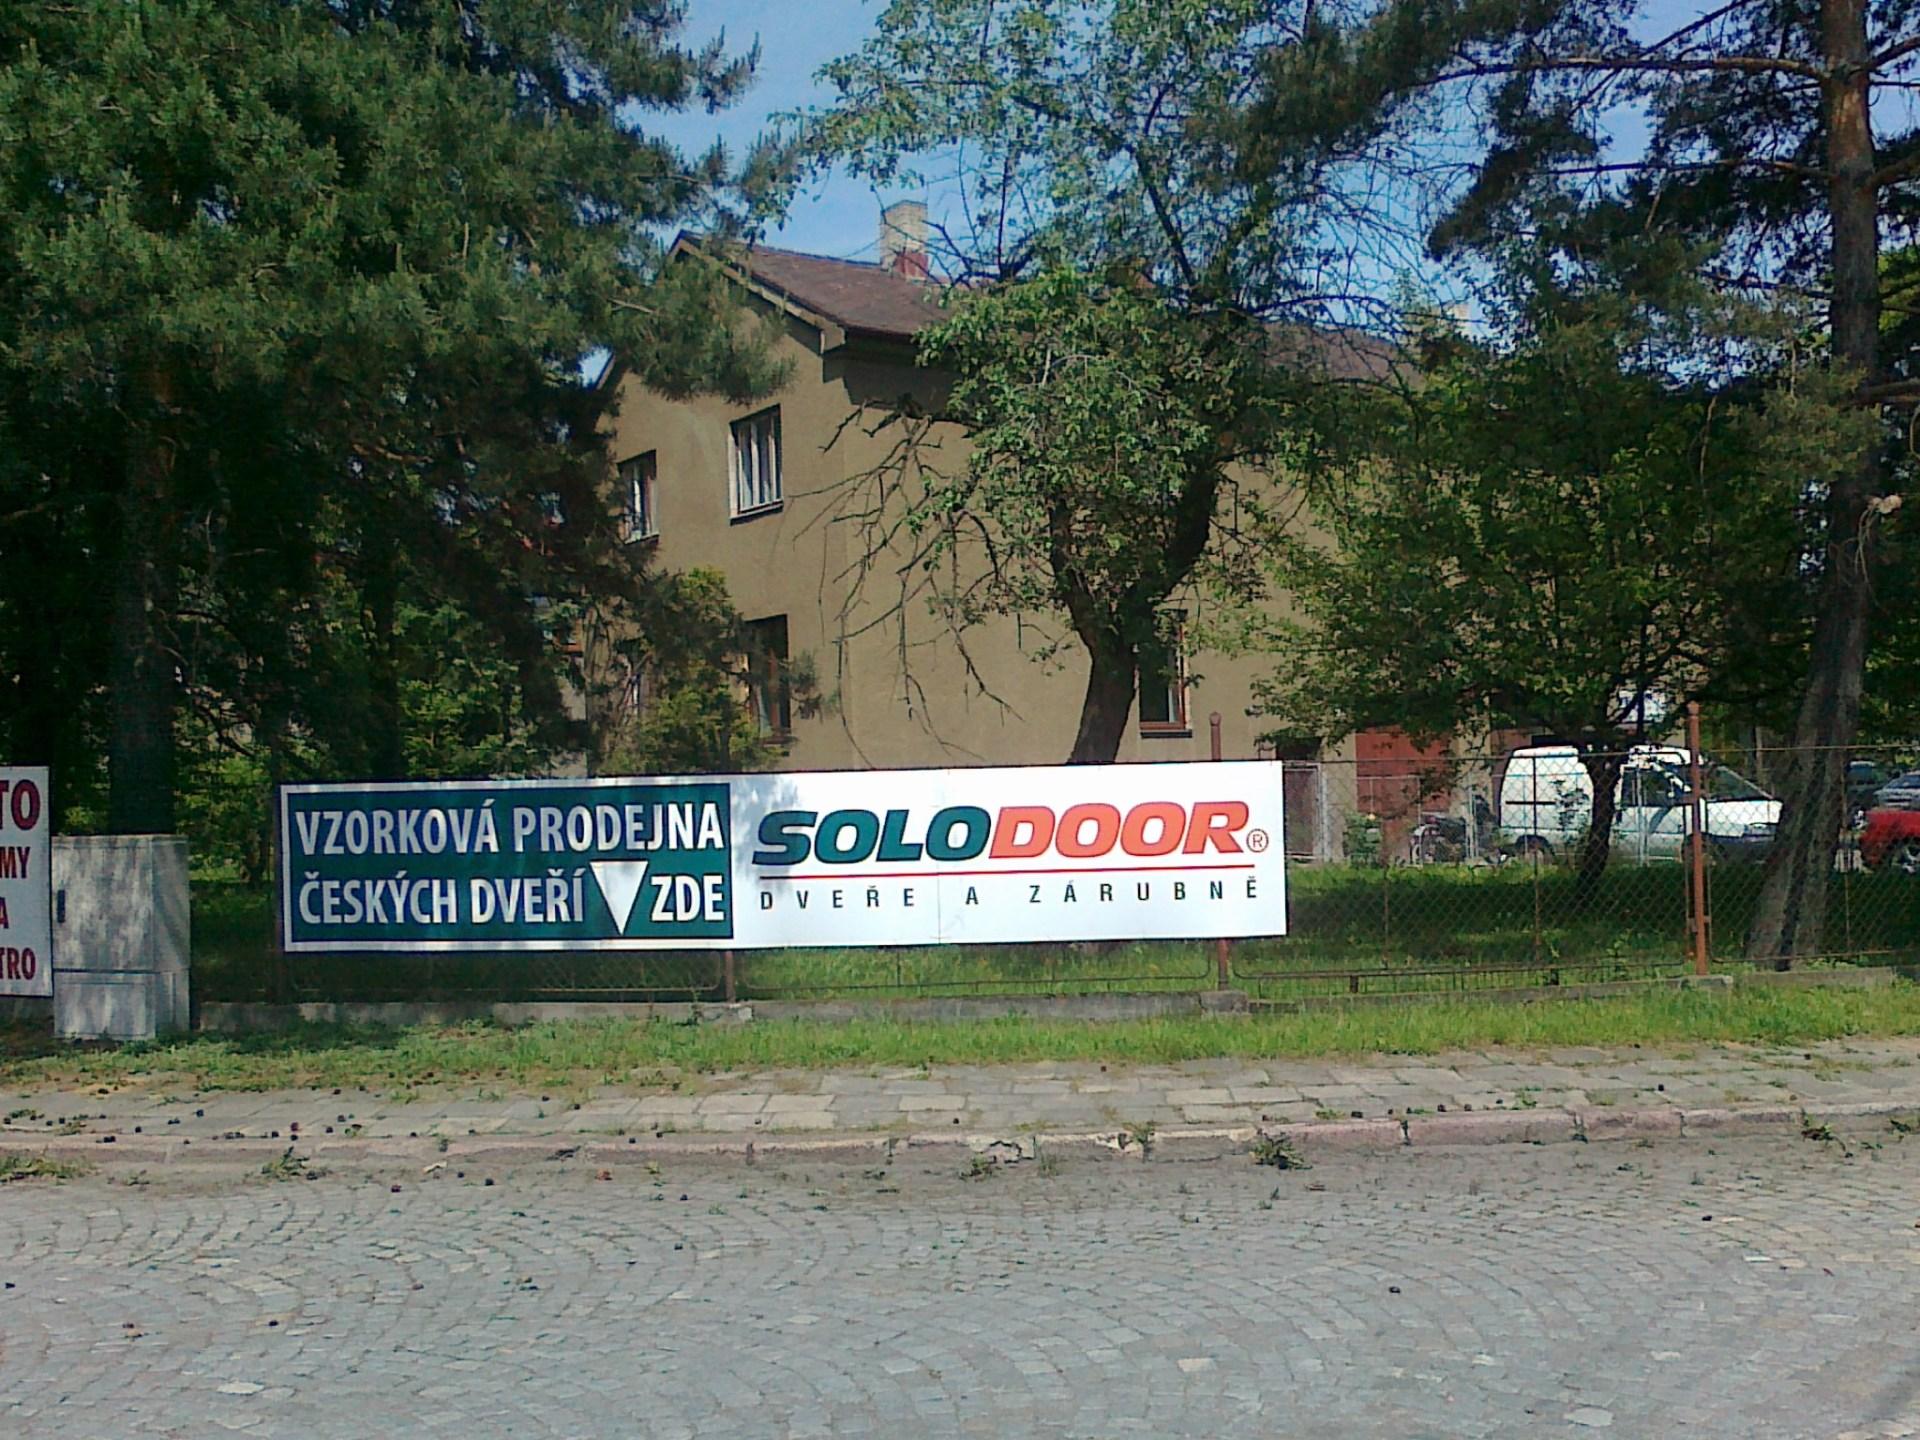 Vzorková prodejna dveří SOLODOOR Ostrava